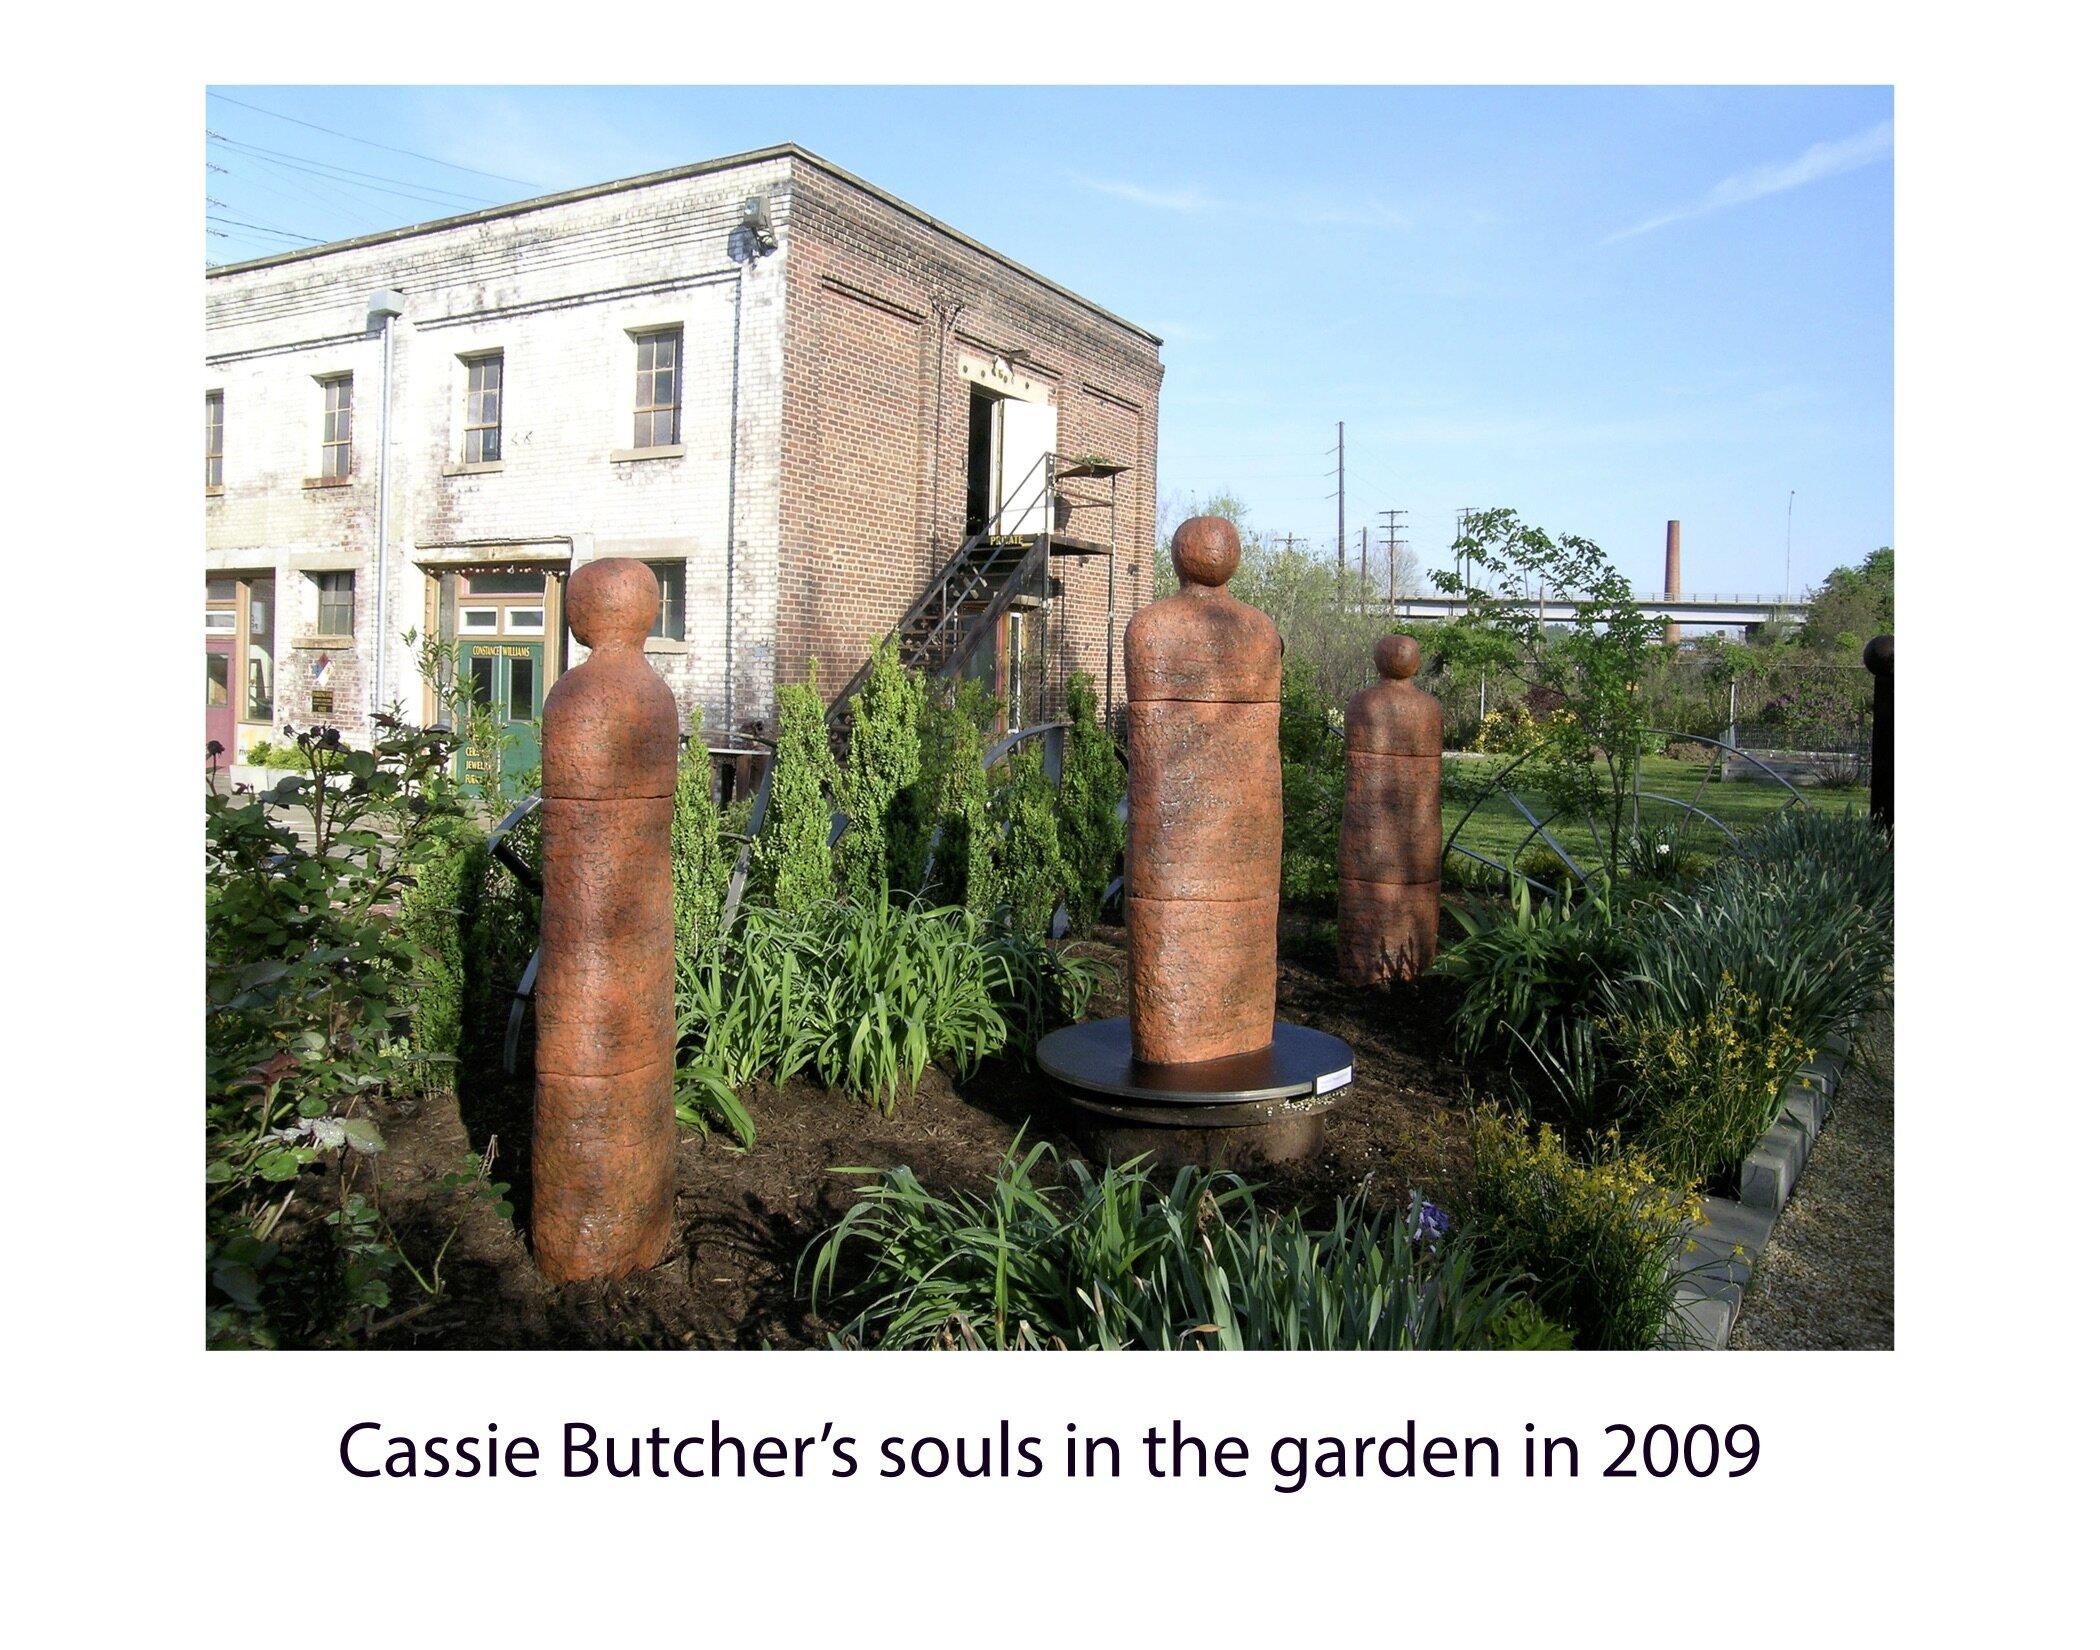 cassie butcher souls in garden 2009.jpg